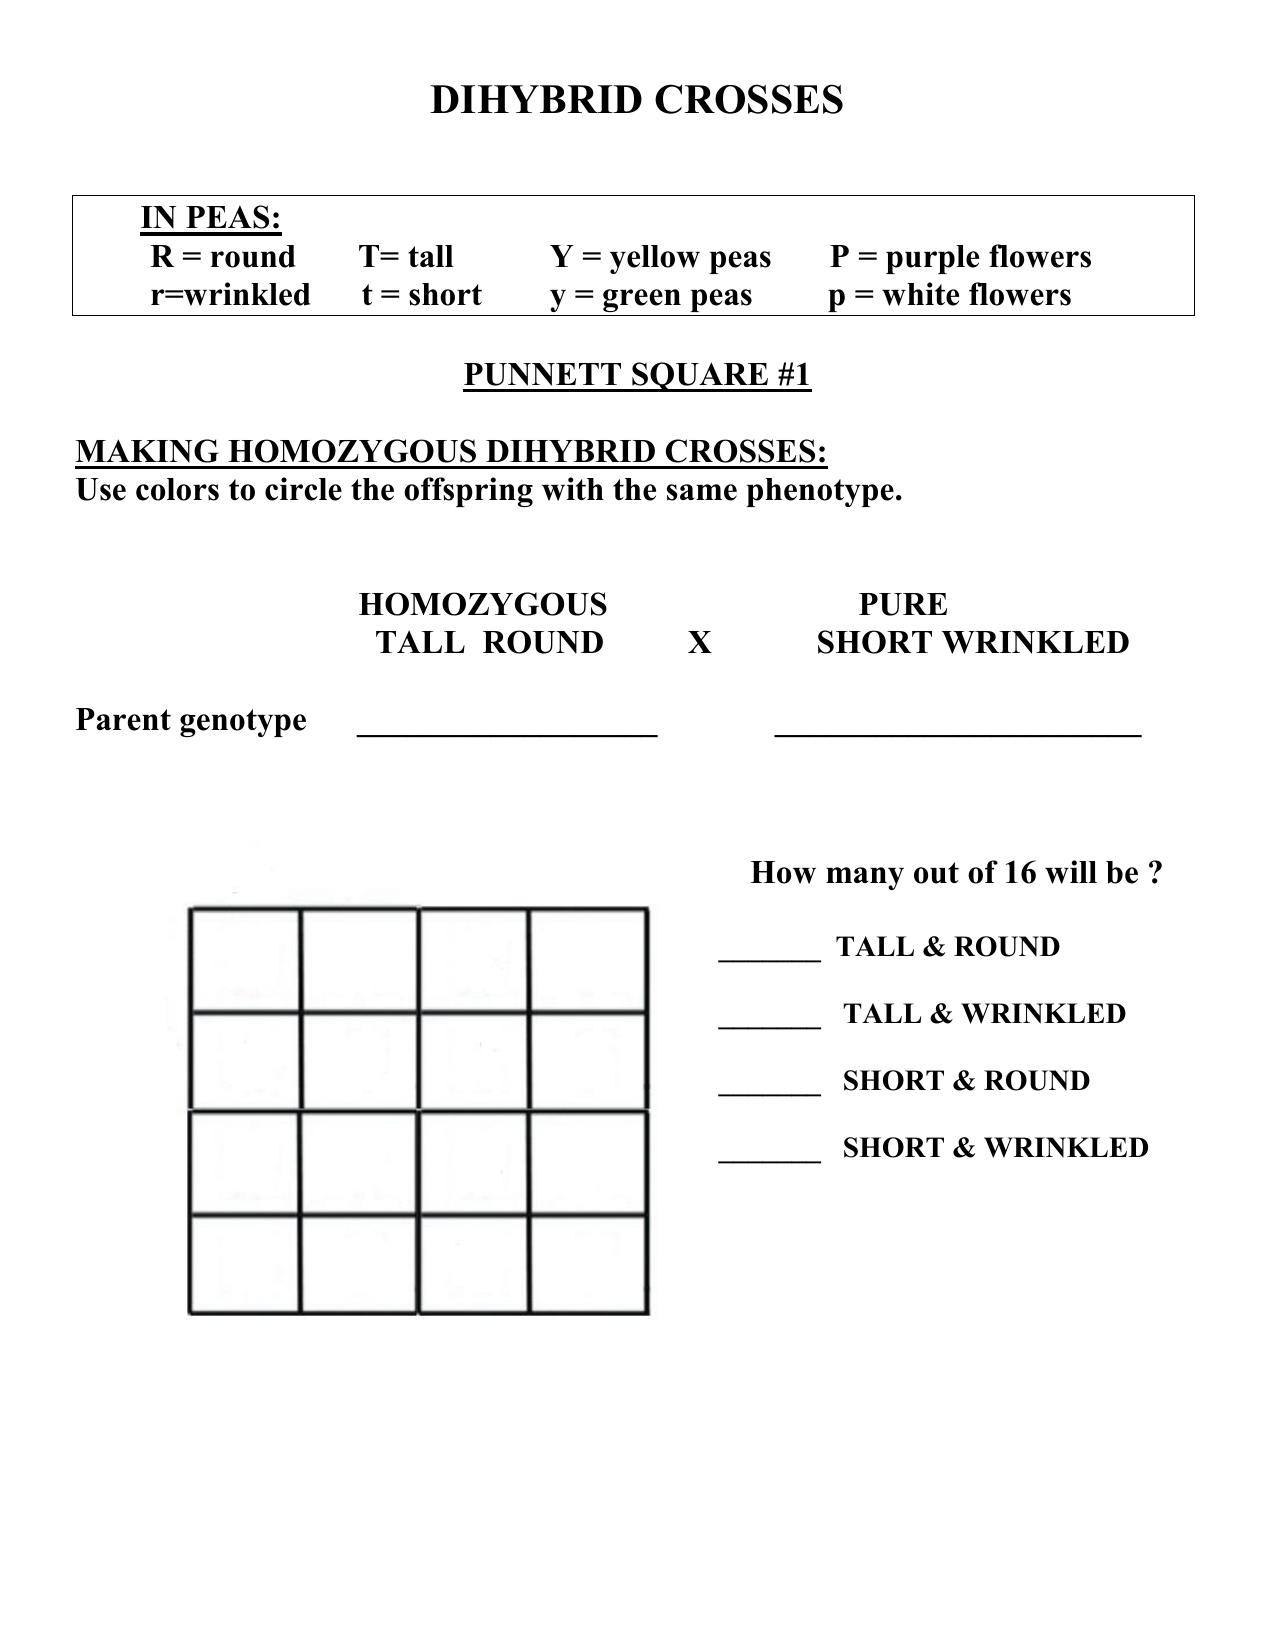 Dihybrid Cross Punnett Square Worksheet - Phoenixpayday.com